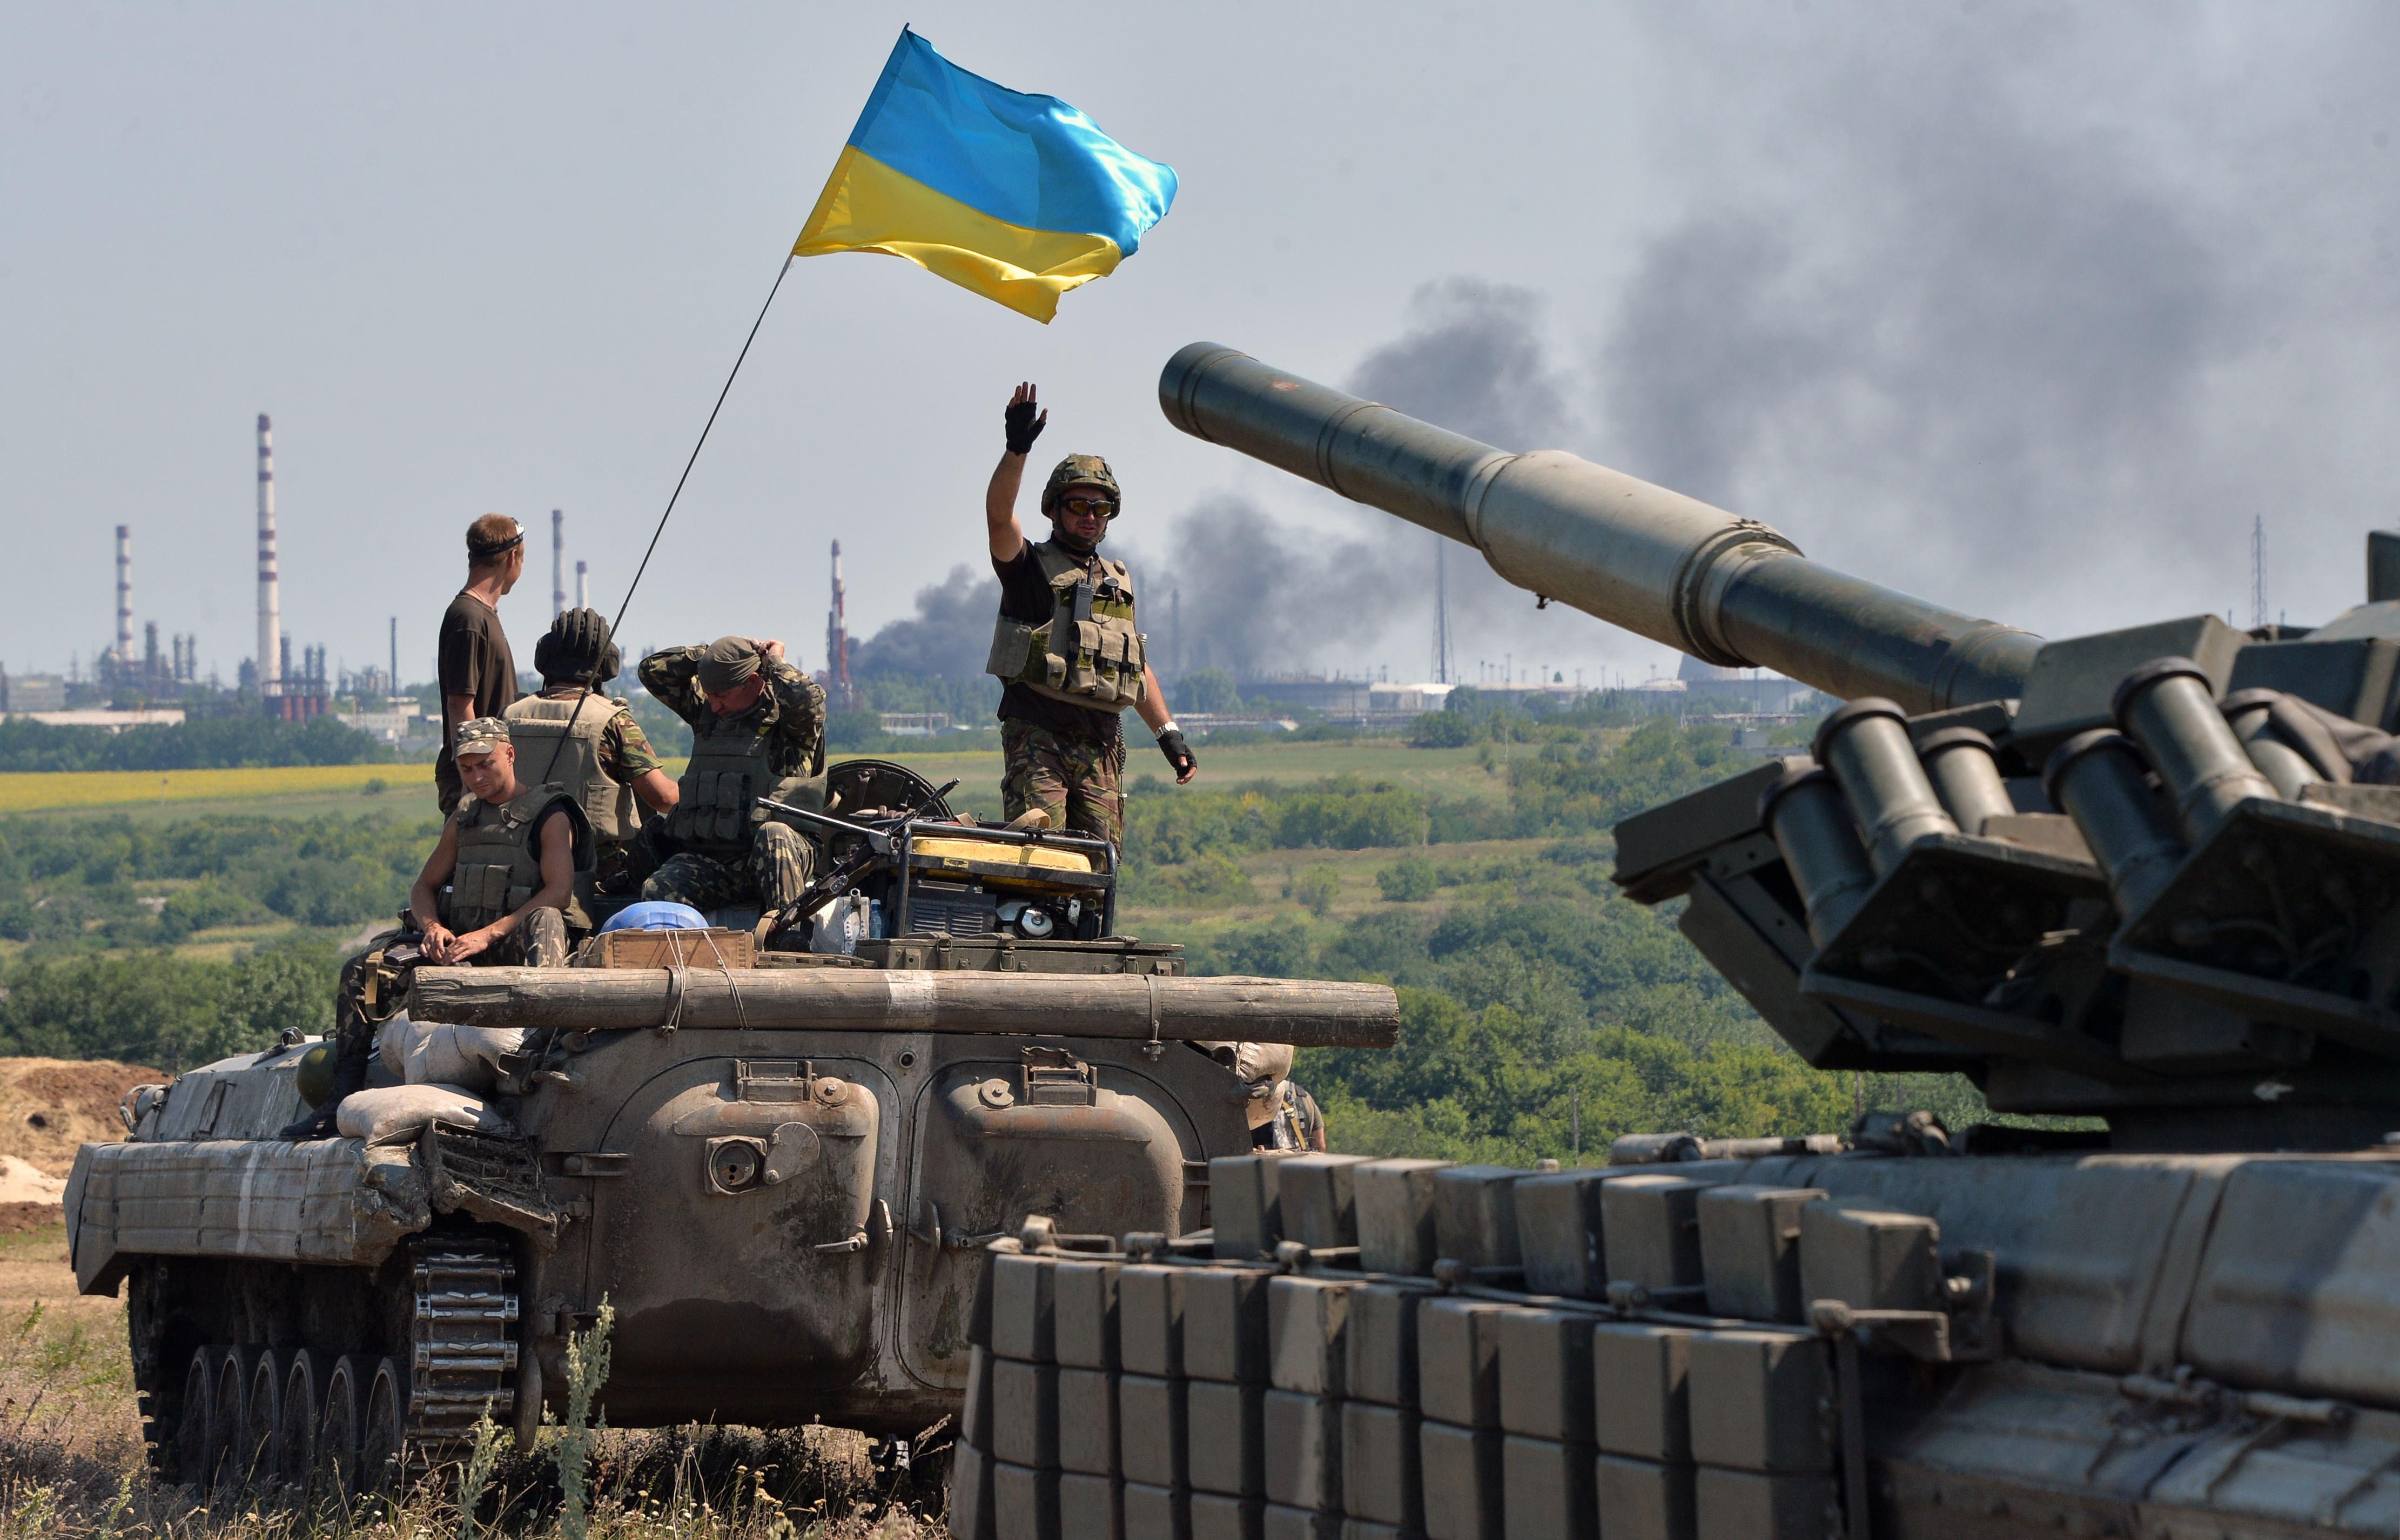 Пока мы возвращаем Крым, стало известно, сколько РФ «отжала» у нас